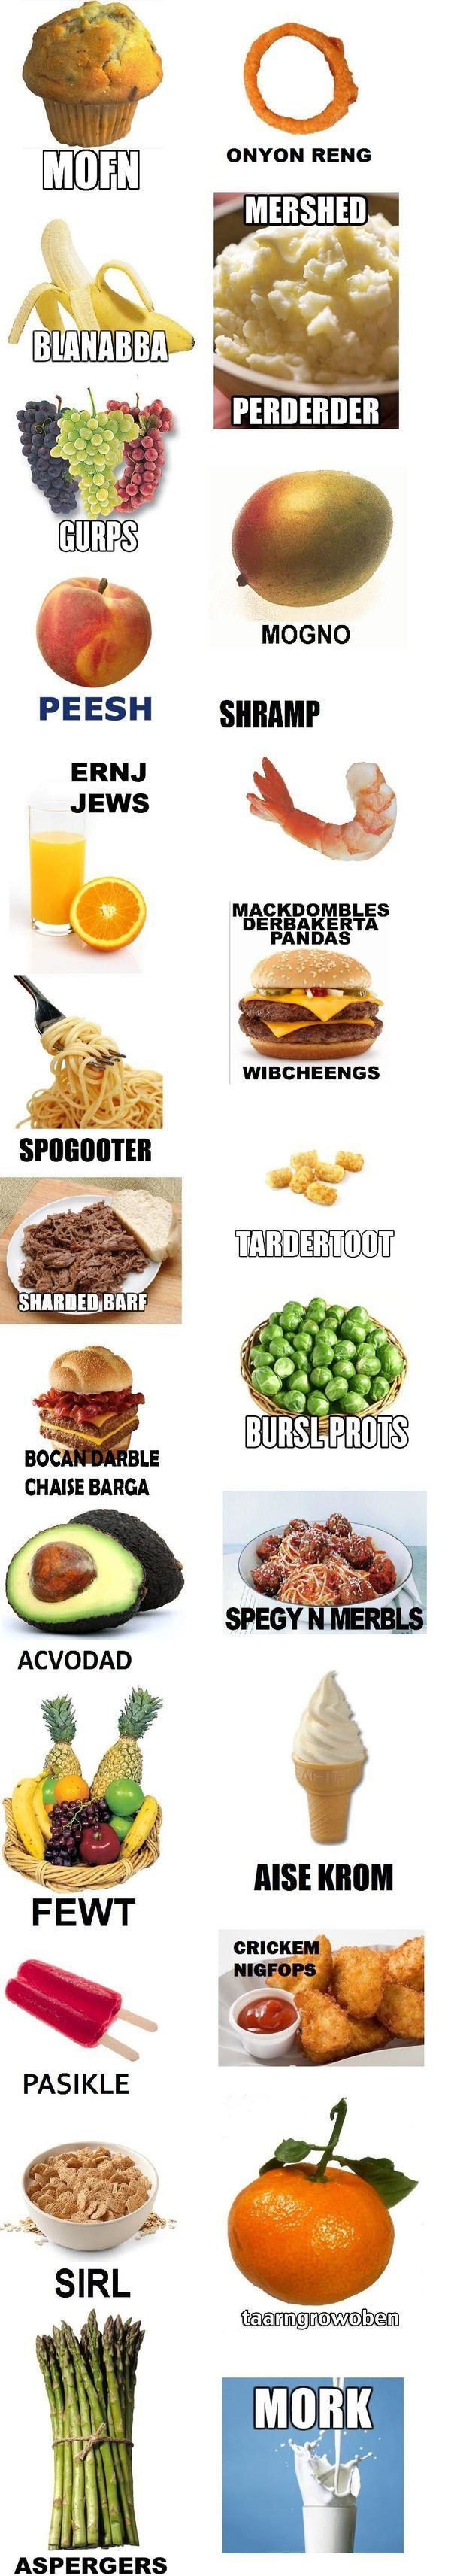 35 best ermahgerd images on pinterest ha ha funny for Cuisine names